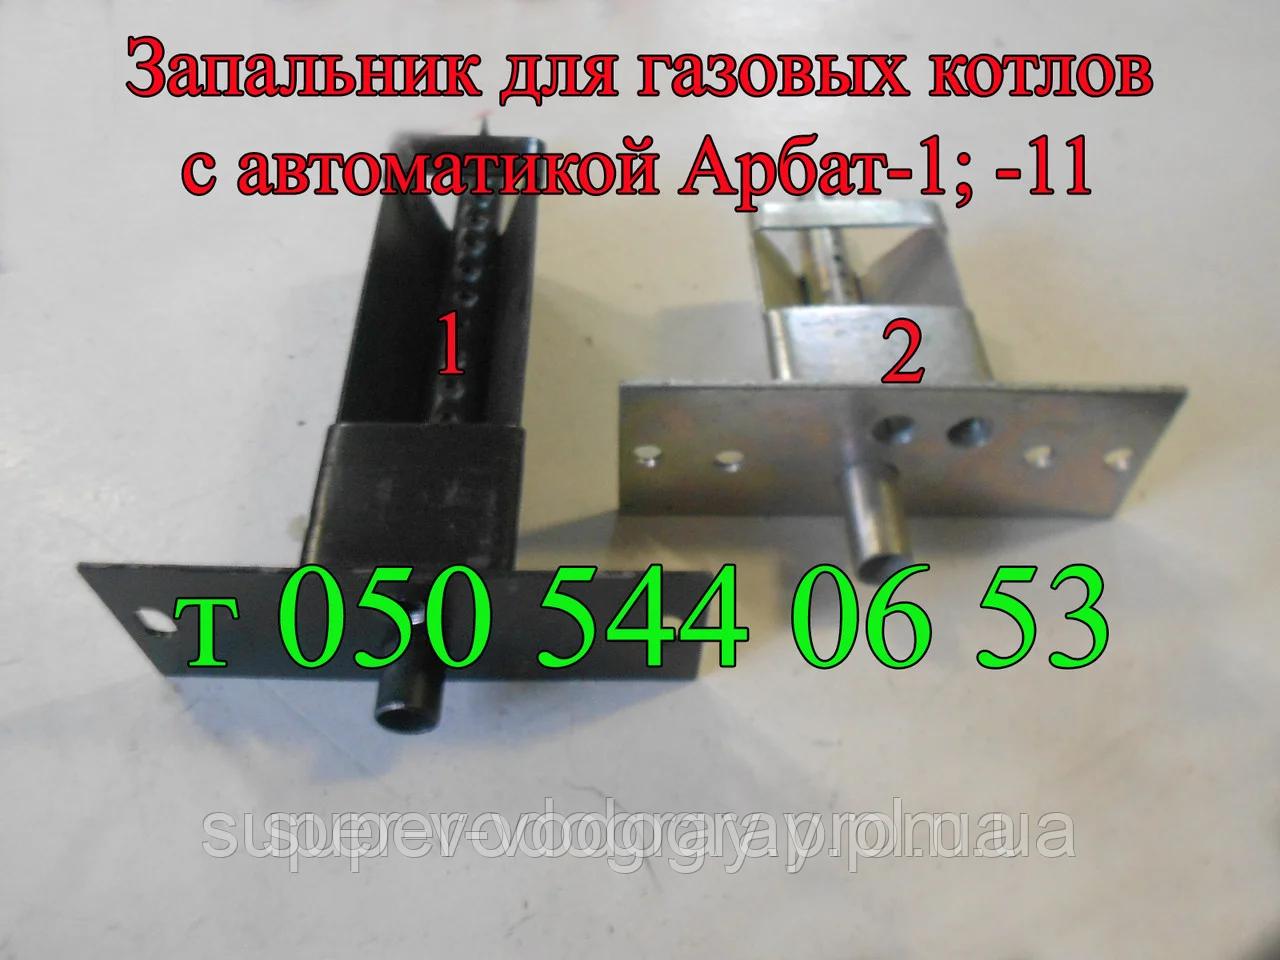 Запальник для газового котла с автоматикой Арбат-1;-11